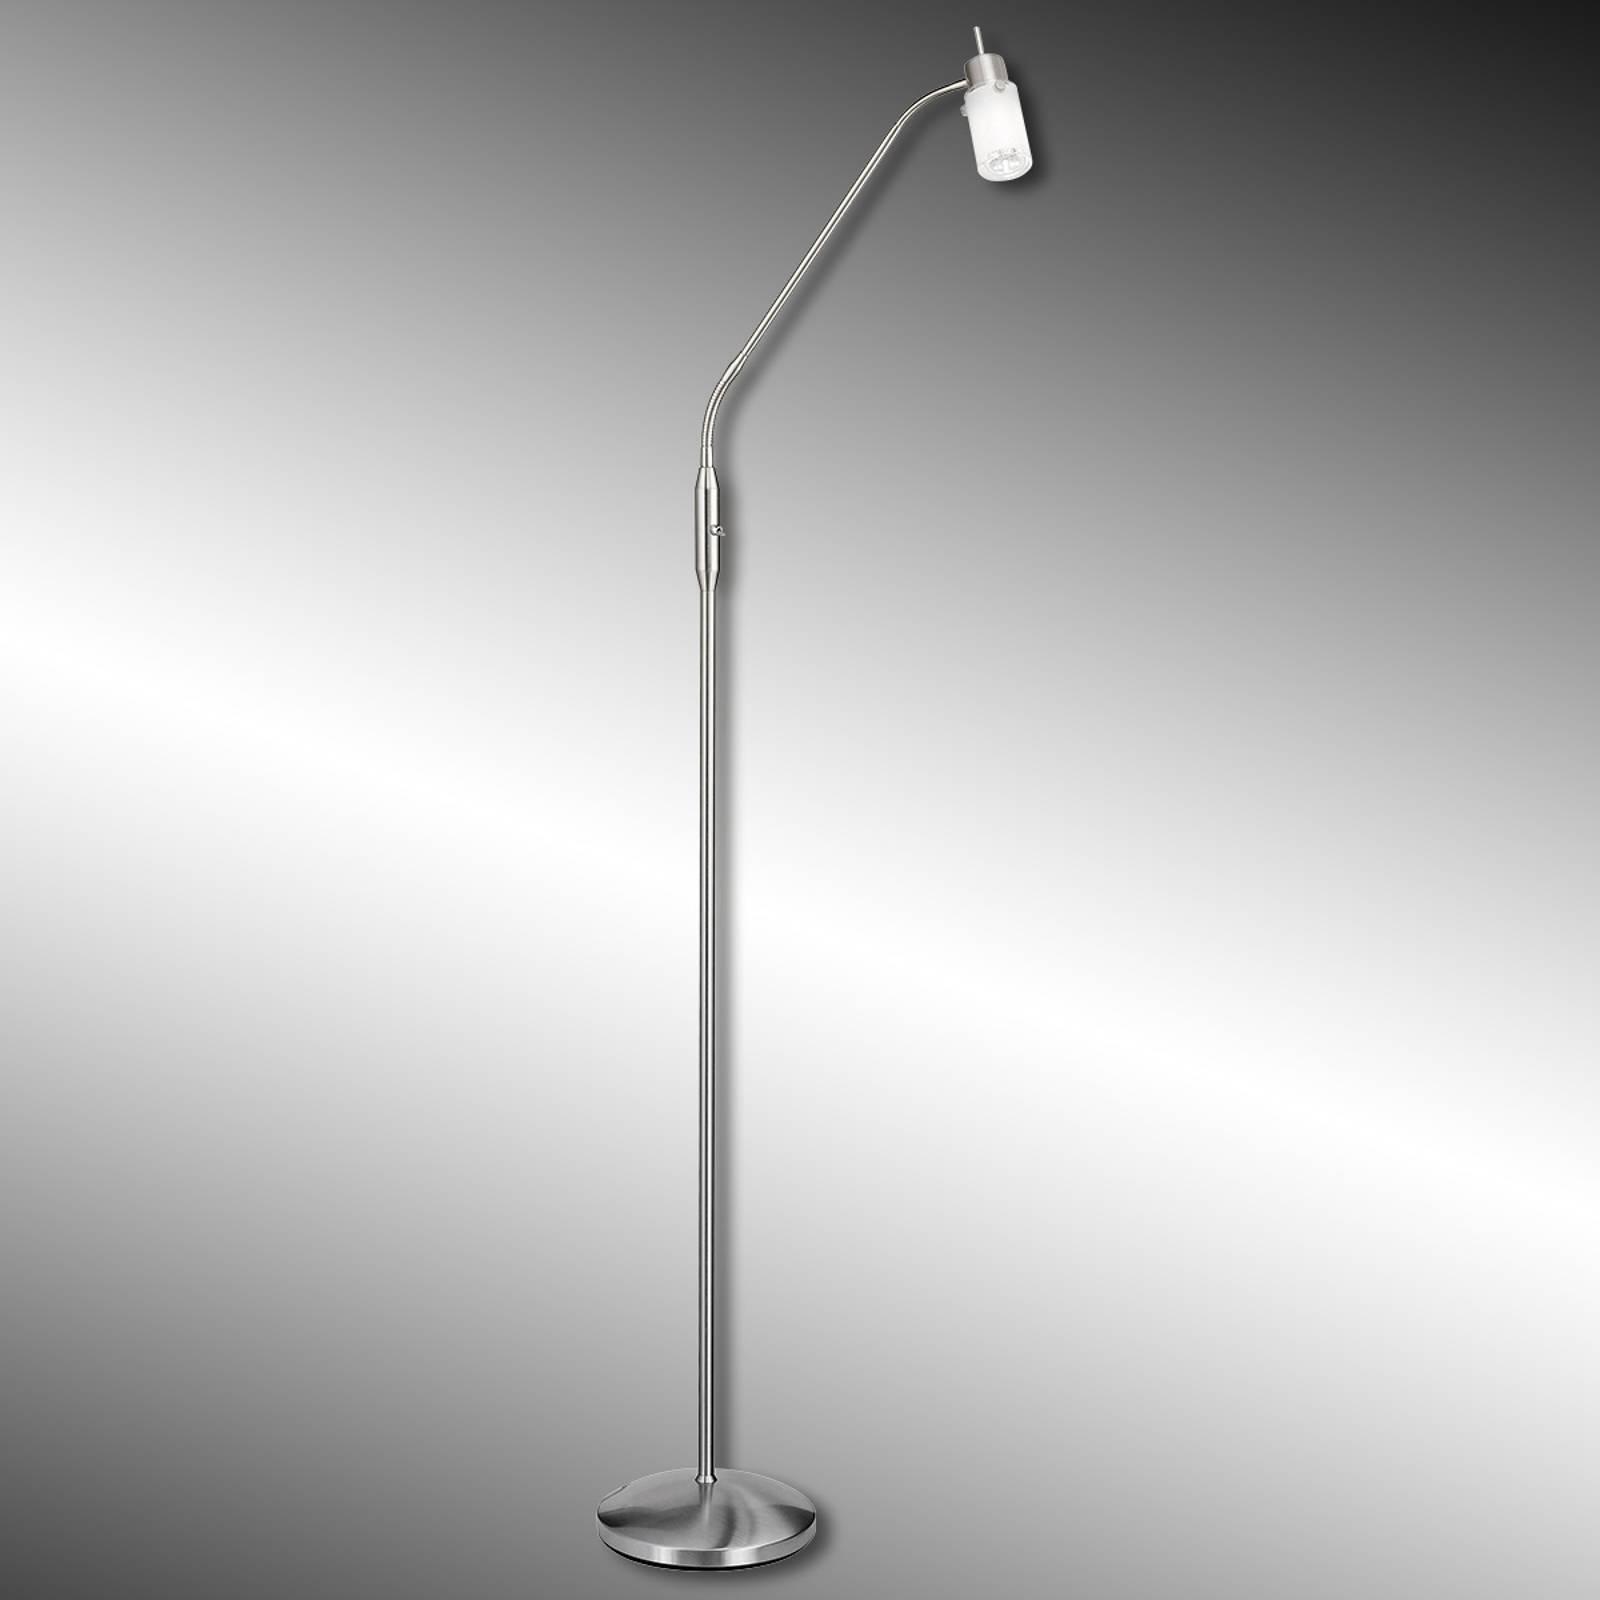 LED vloerlamp Max met 1 lamp